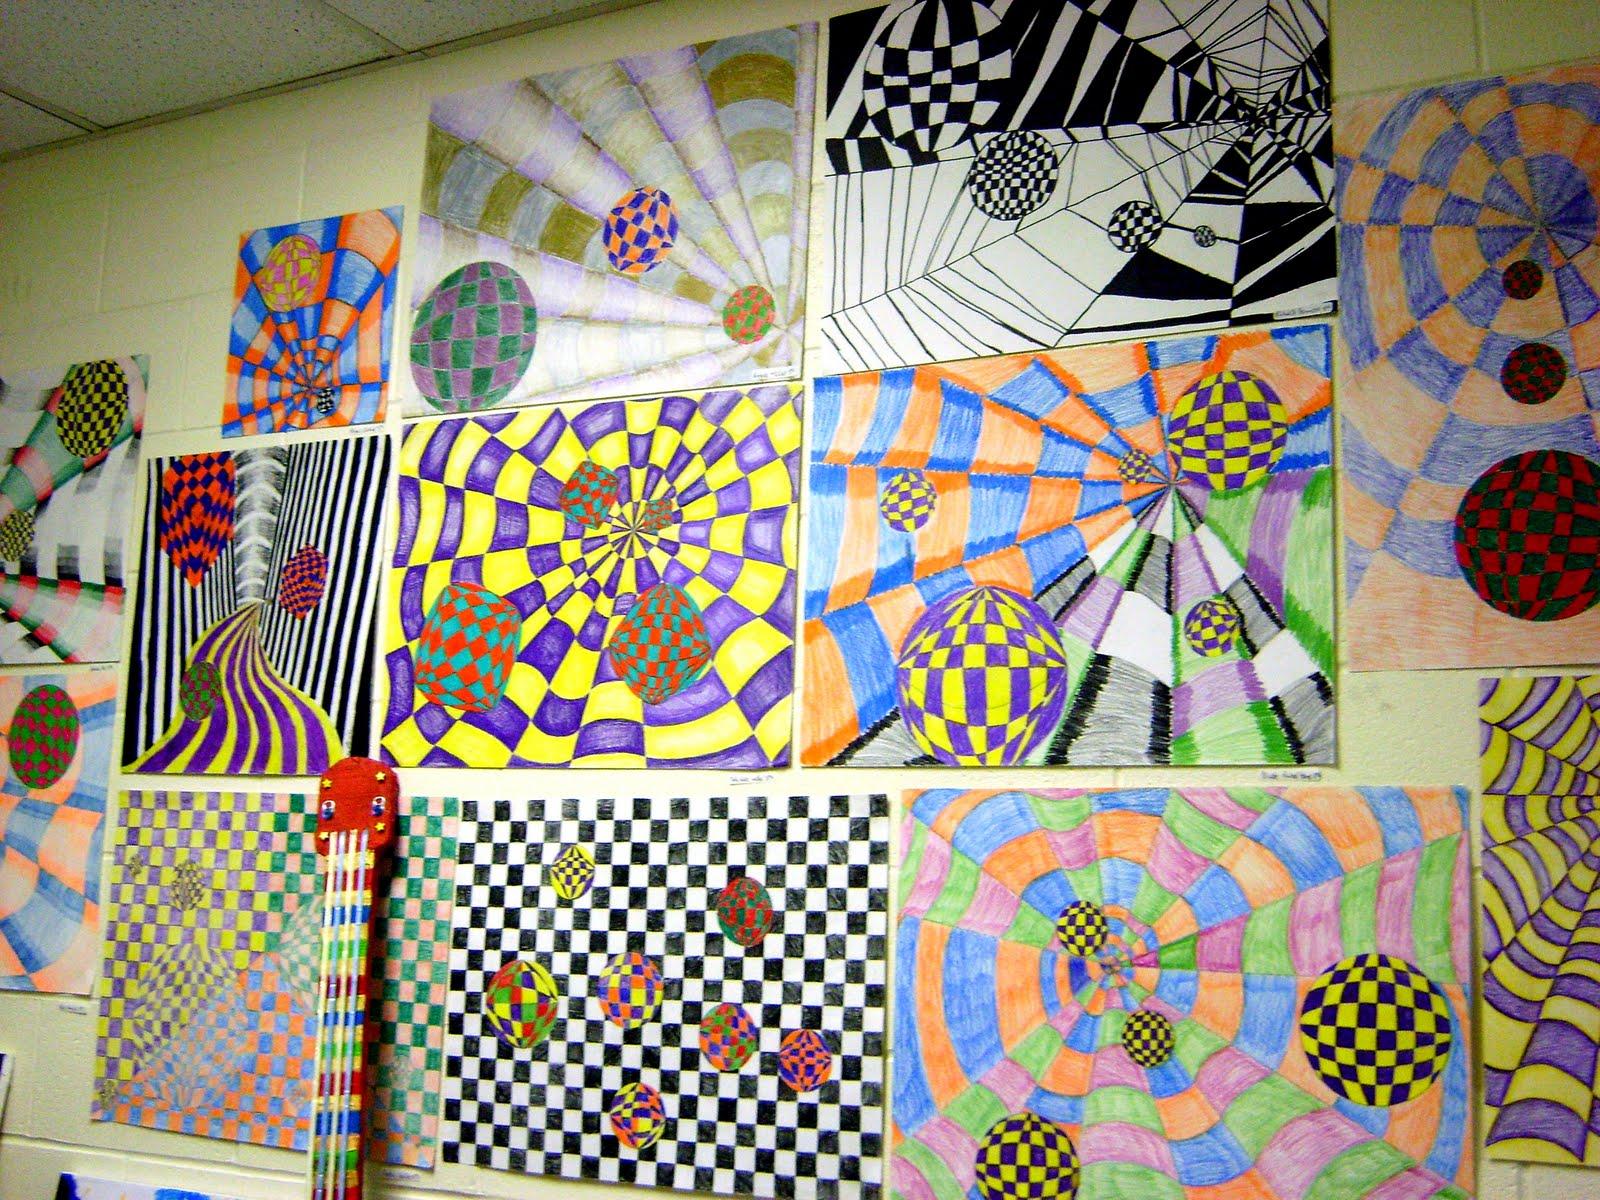 Zentangle | School art projects, Middle school art ...  |Middle School Art Lesson Ideas